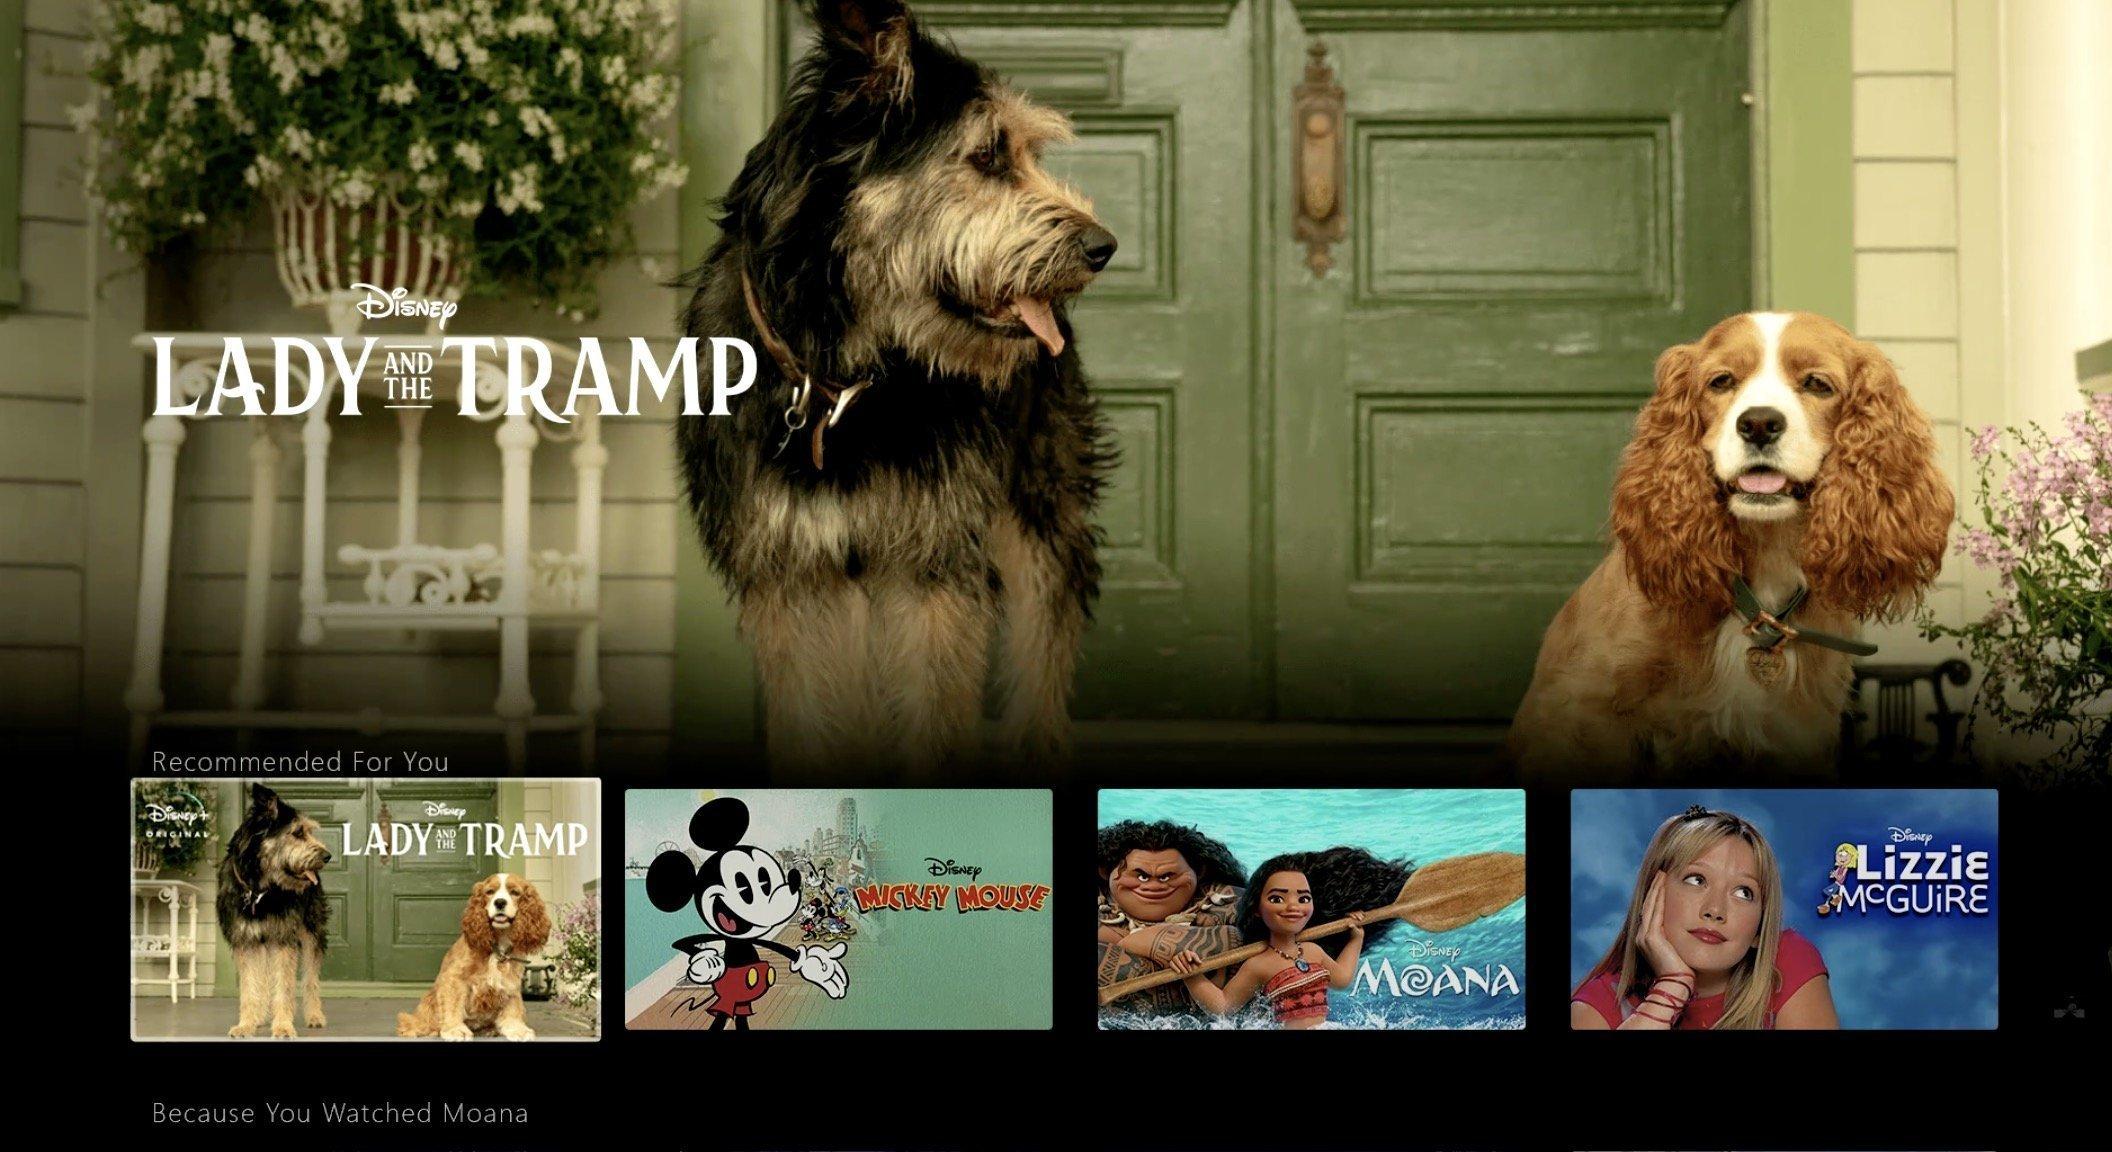 Image de l'interface Disney+ avec La Belle et le Clochard en évidence